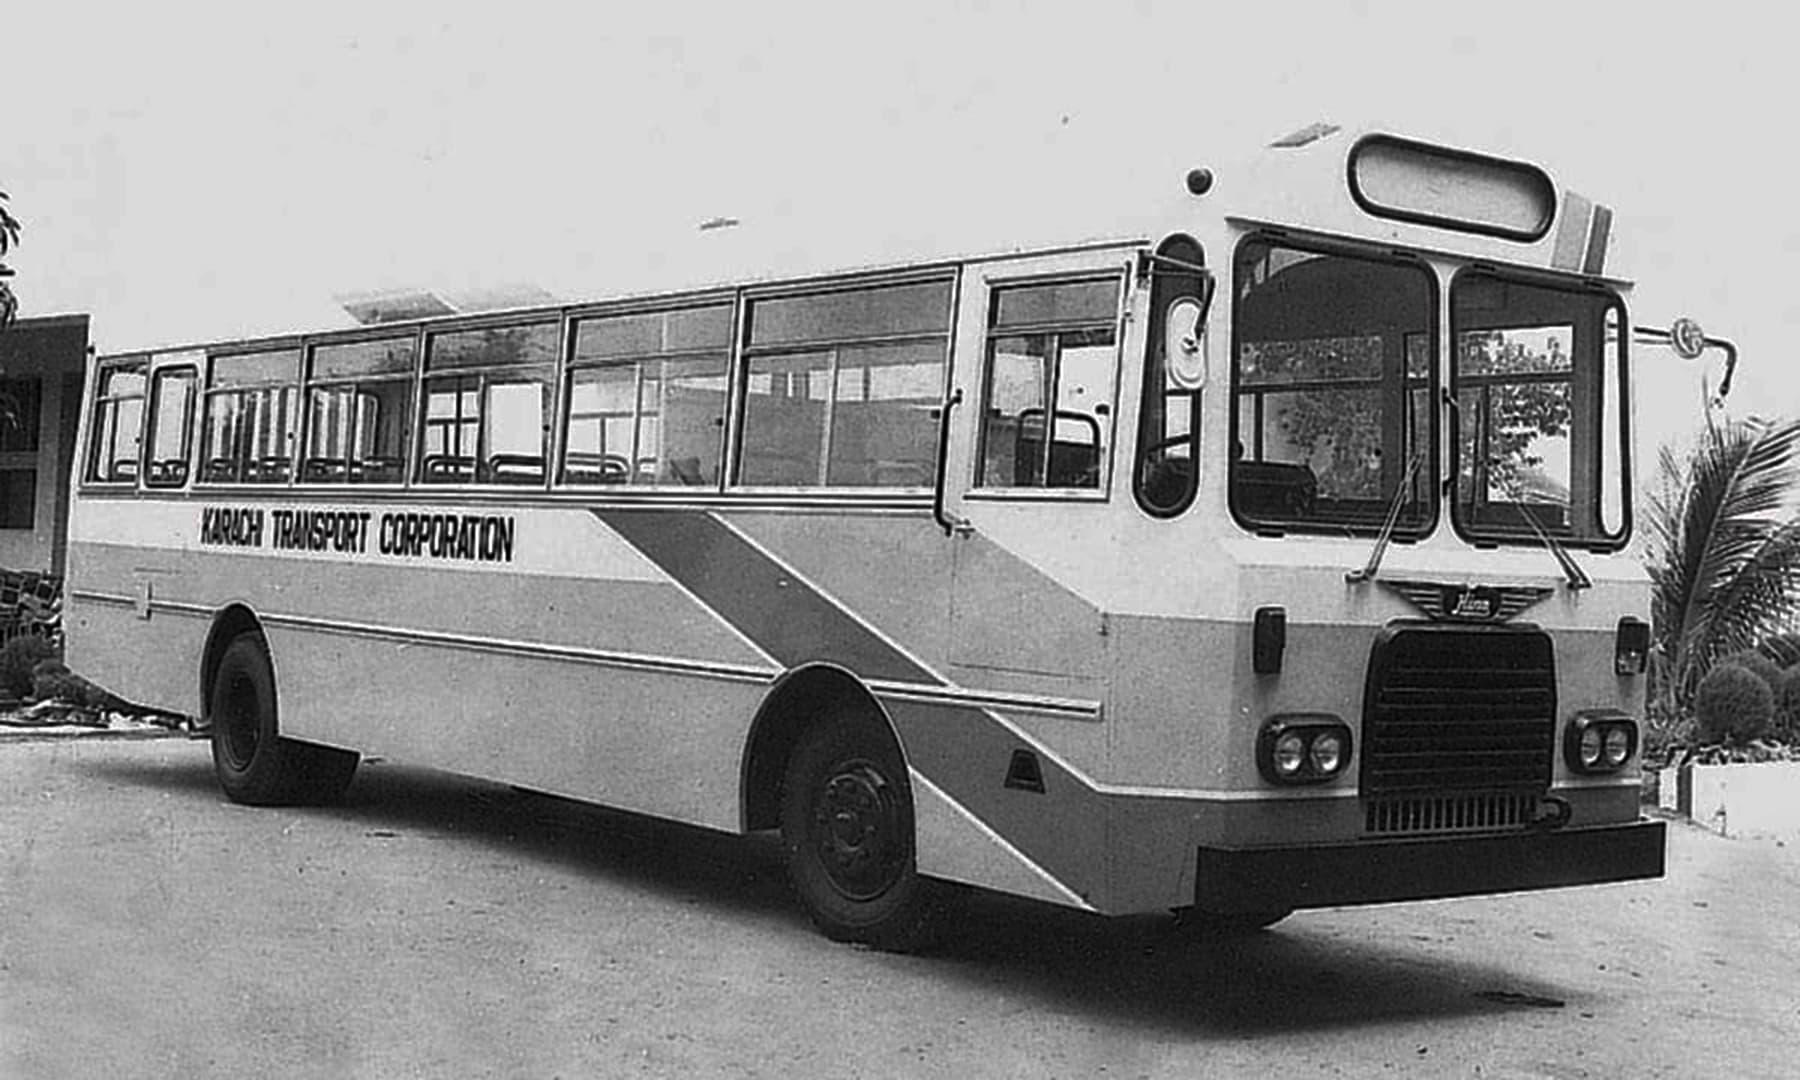 کراچی ٹرانسپورٹ کارپوریشن کی بس